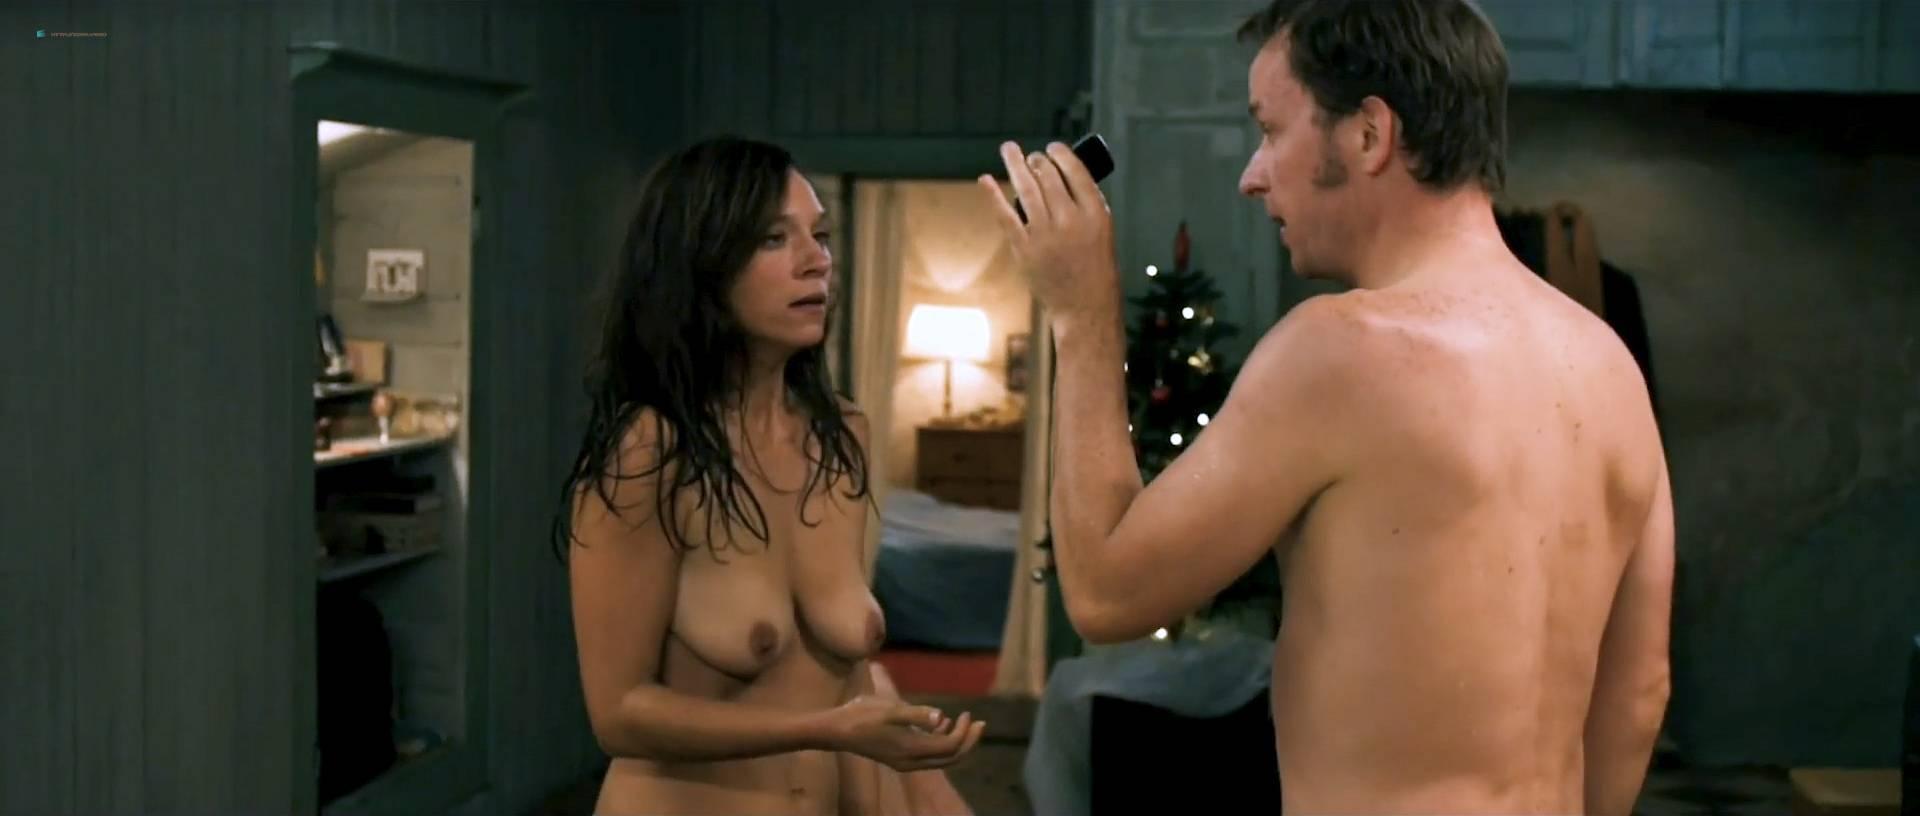 Sabine Timoteo nude full frontal - Cyanure (DE-2013) HD 1080p BluRay (5)